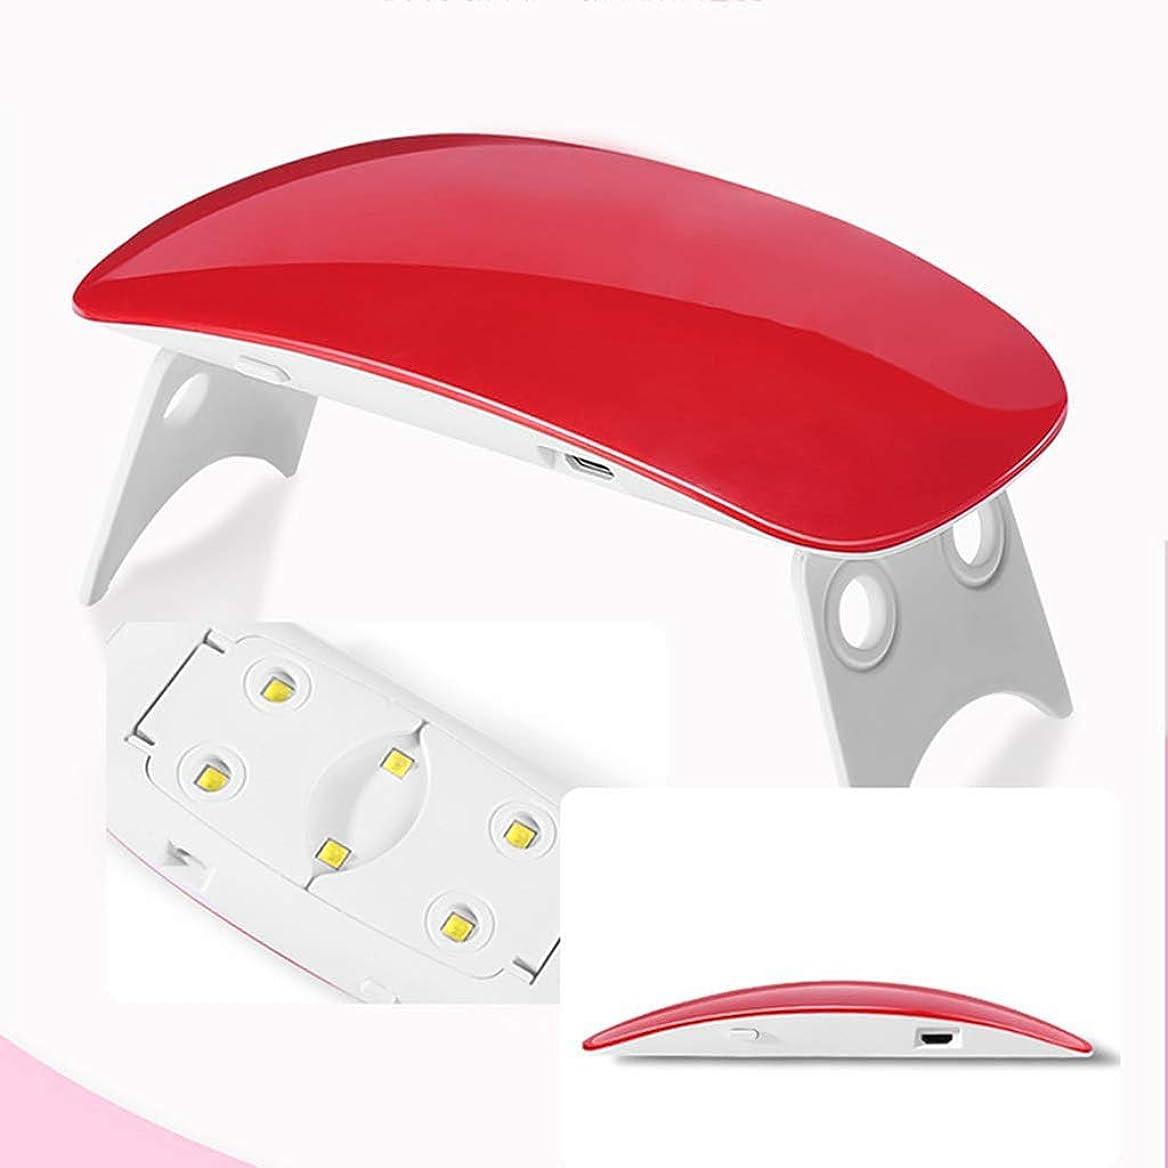 ストラトフォードオンエイボン一致する確認してくださいYalztc-zyq16 ネイルライトミニネイル光線療法機usbインターフェース太陽の光ledソフトは手を傷つけません速い乾いた焼くランプ治療ランプ超薄型家の旅行携帯用 (色 : 赤)